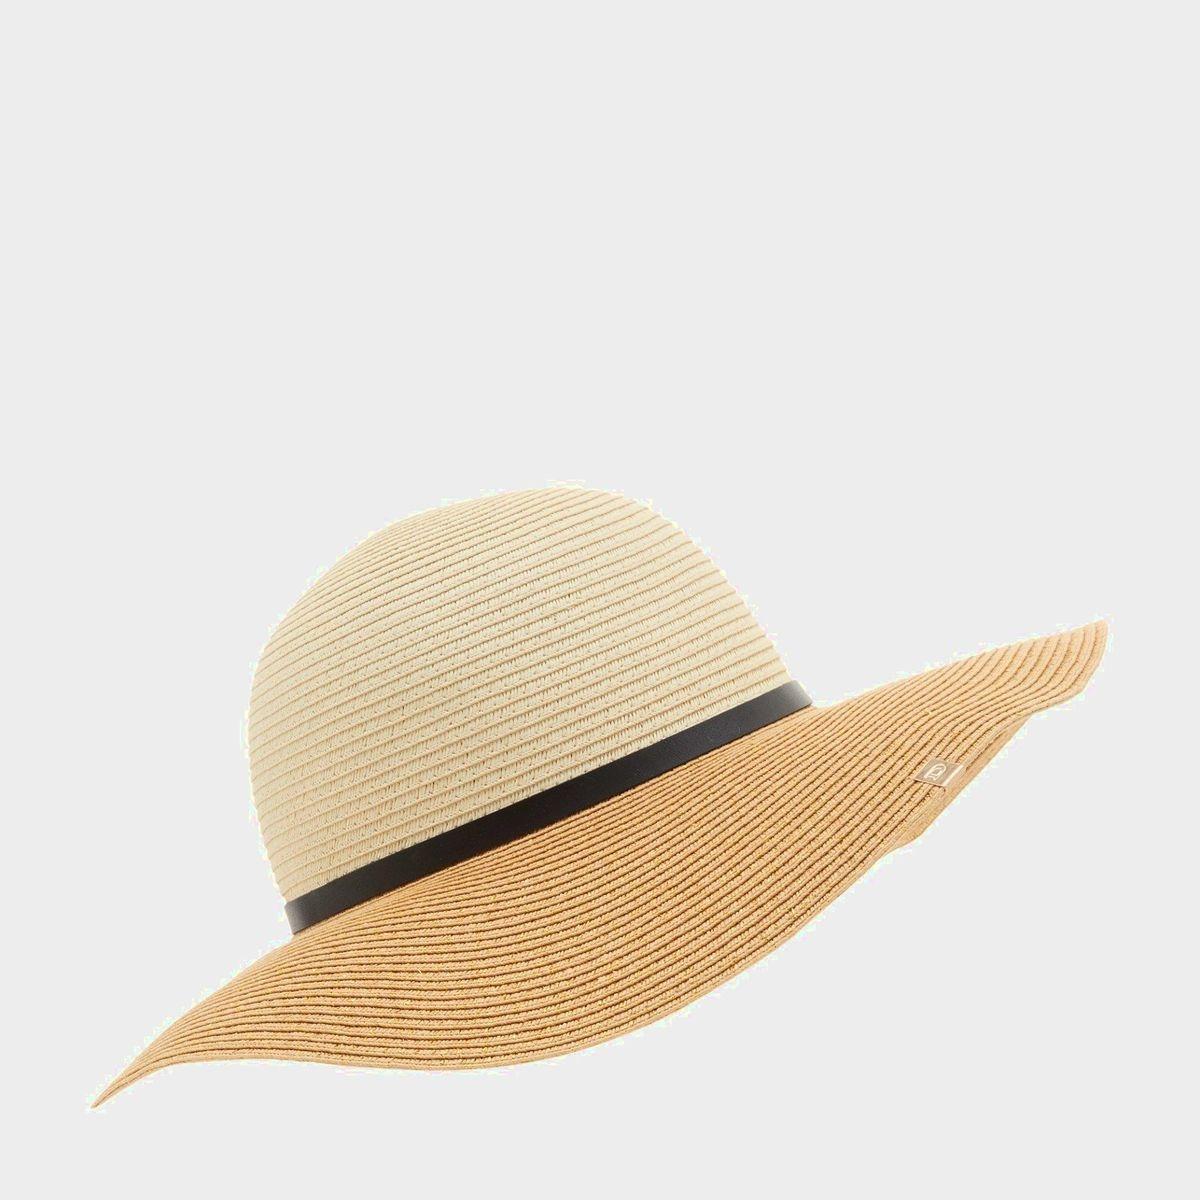 Chapeau de paille avec bordure style ceinture - FLAIT